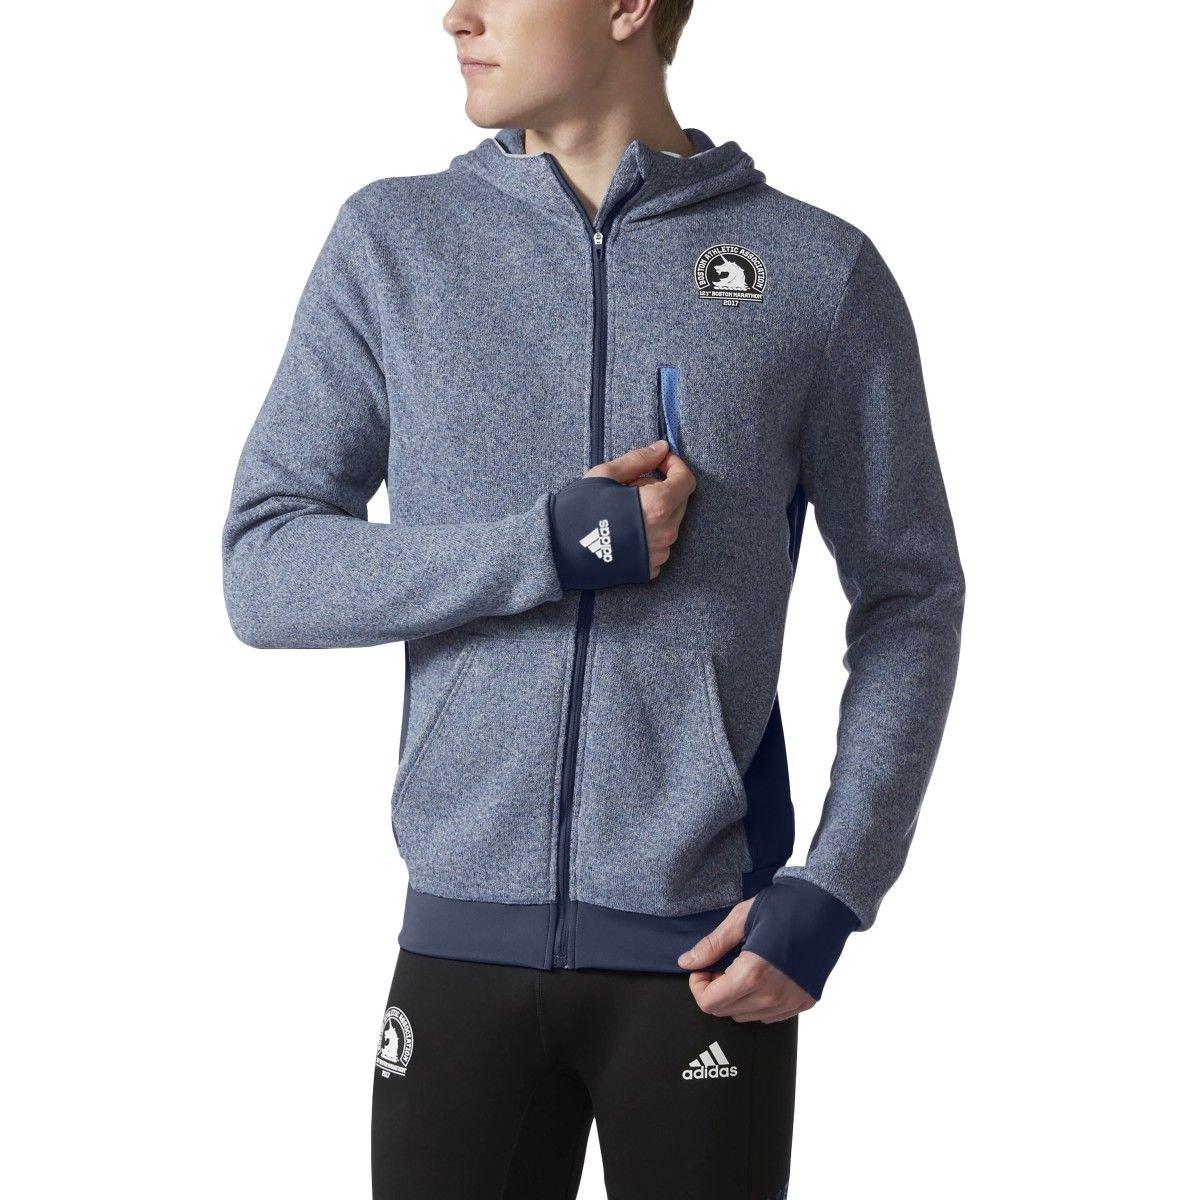 Adidas Boston Marathon Men's Ultra Knit Jacket. Grey/Blue, XL